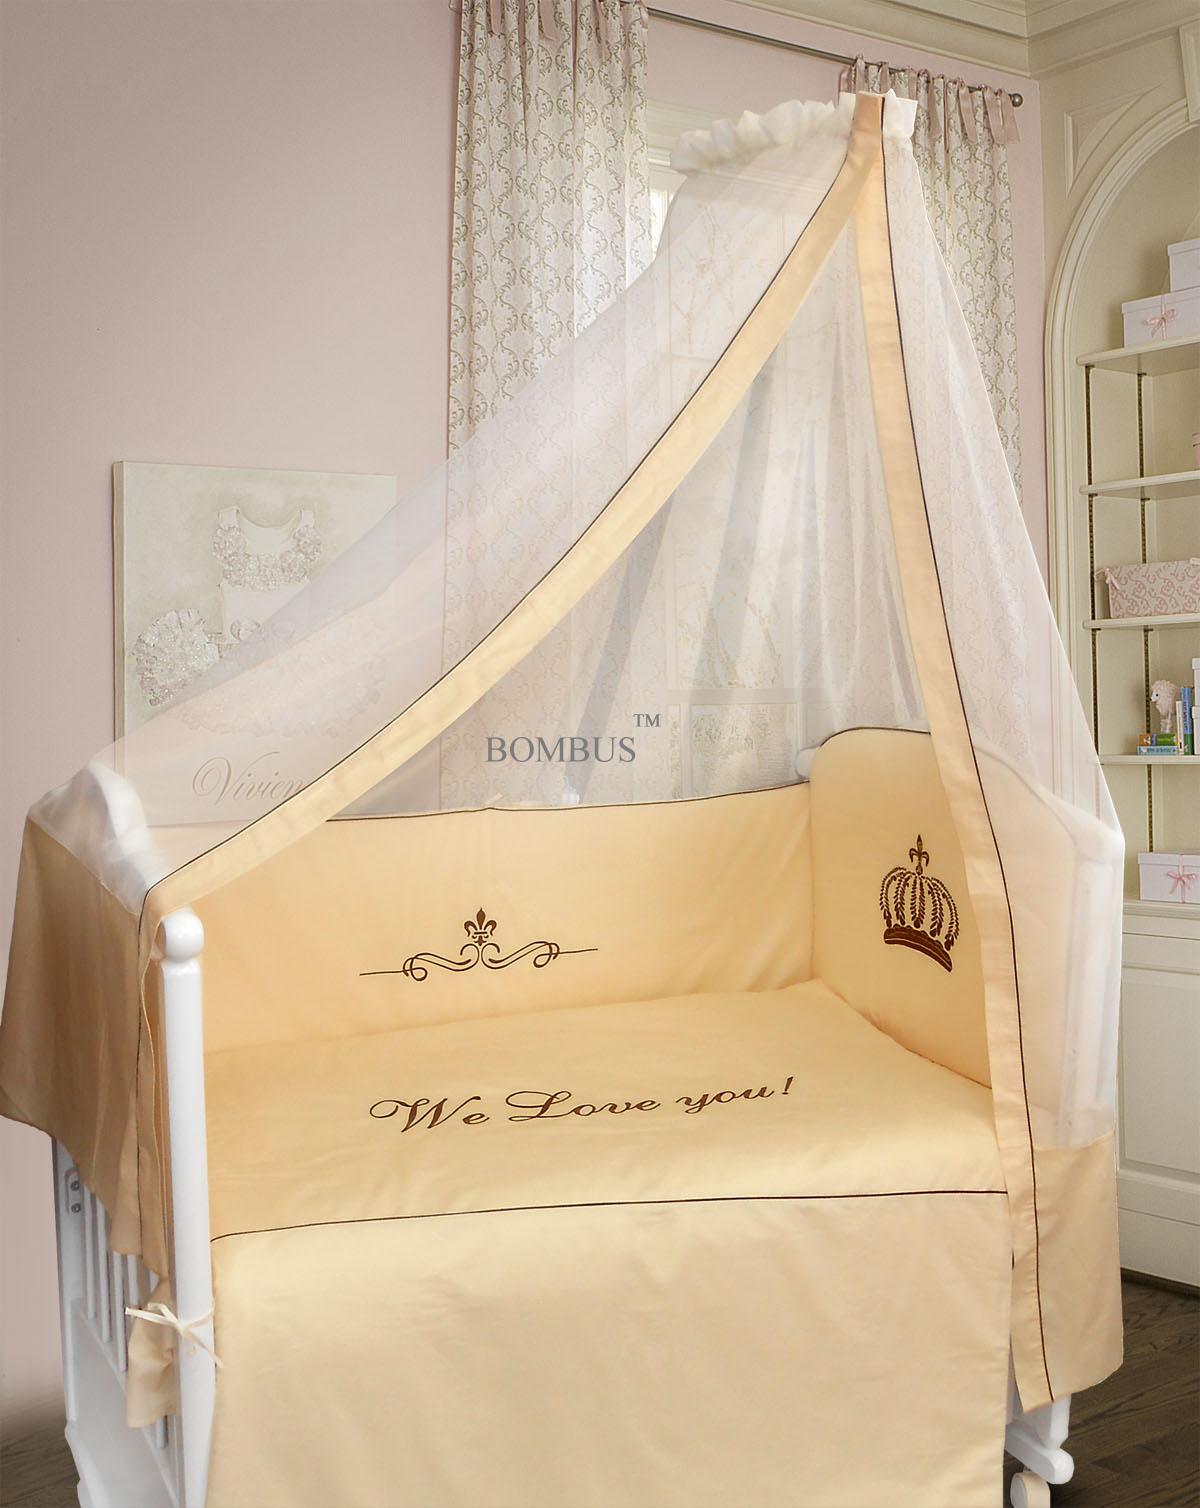 Комплект в кроватку - Сонное царство, 7 предметов, бежевыйДетское постельное белье<br>Комплект в кроватку - Сонное царство, 7 предметов, бежевый<br>